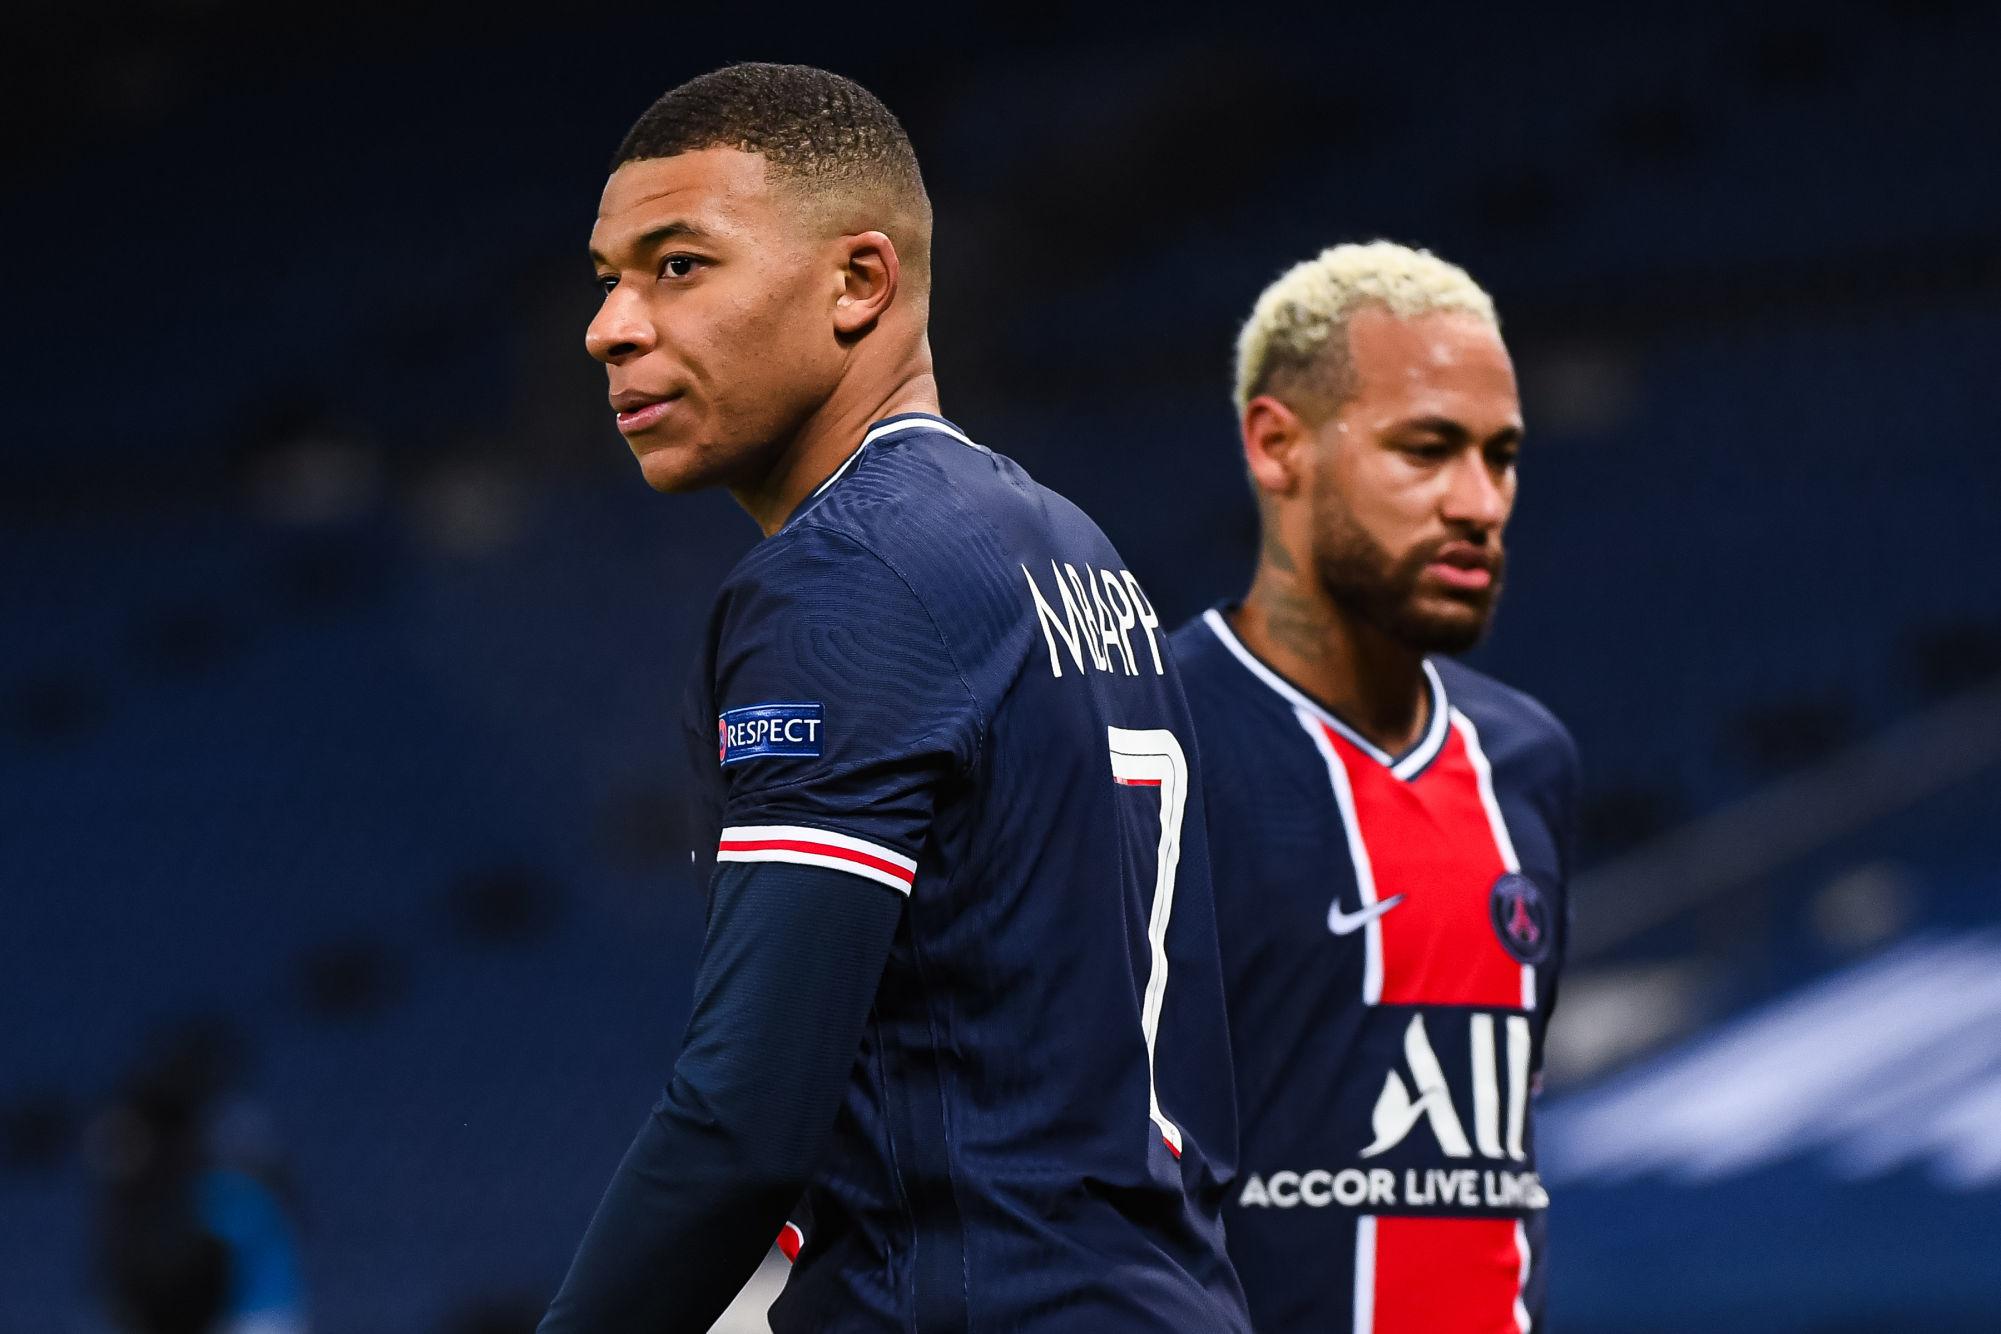 La prolongation de Neymar au PSG ne va pas influencer Mbappé, selon Riolo